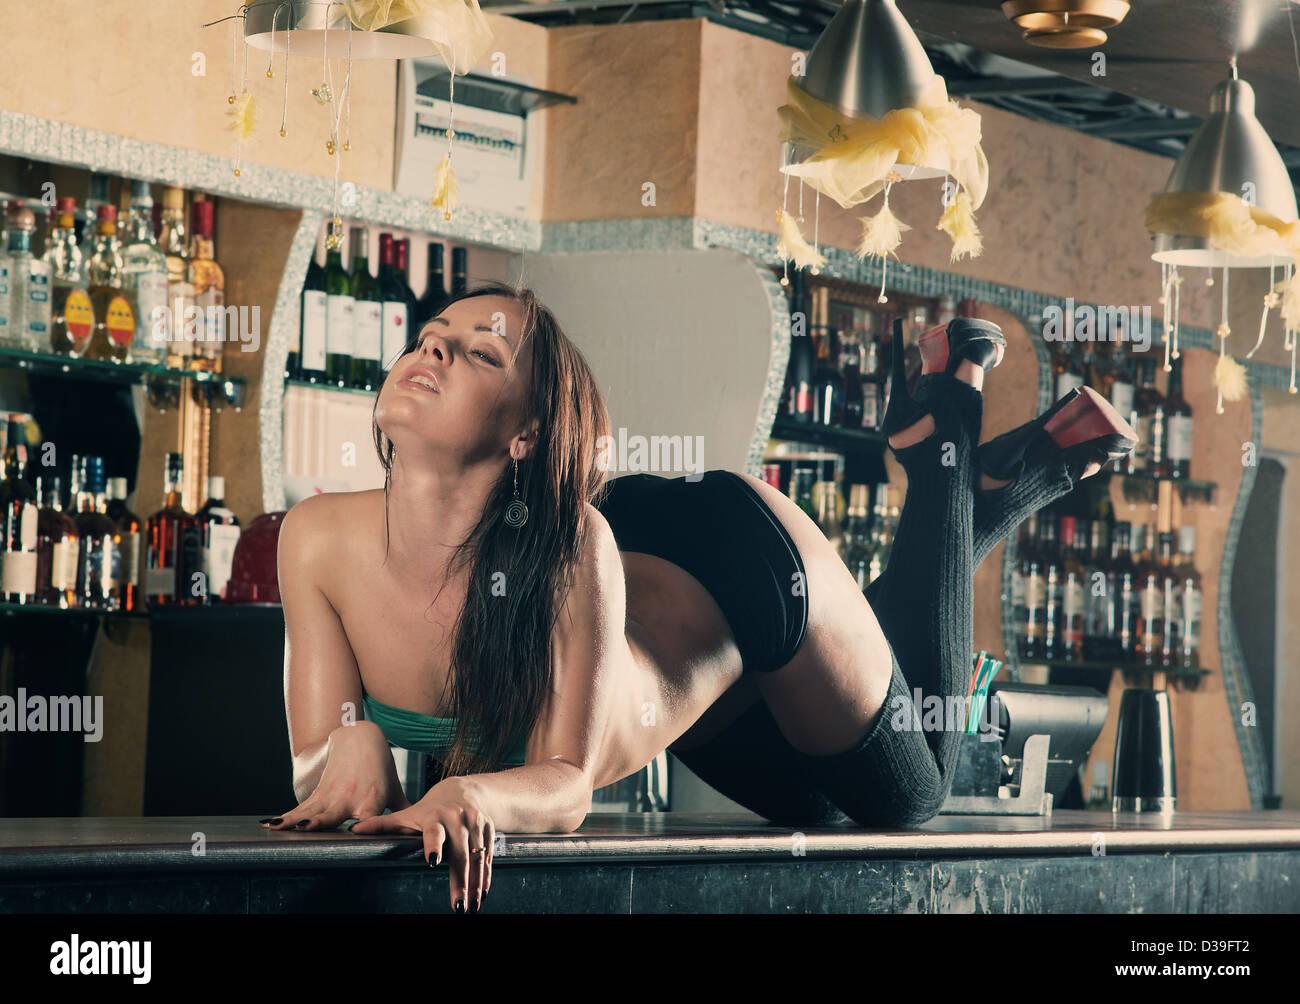 Секс за барной стойкой уломал и трахнул, вылизал пилотку красотке онлайн